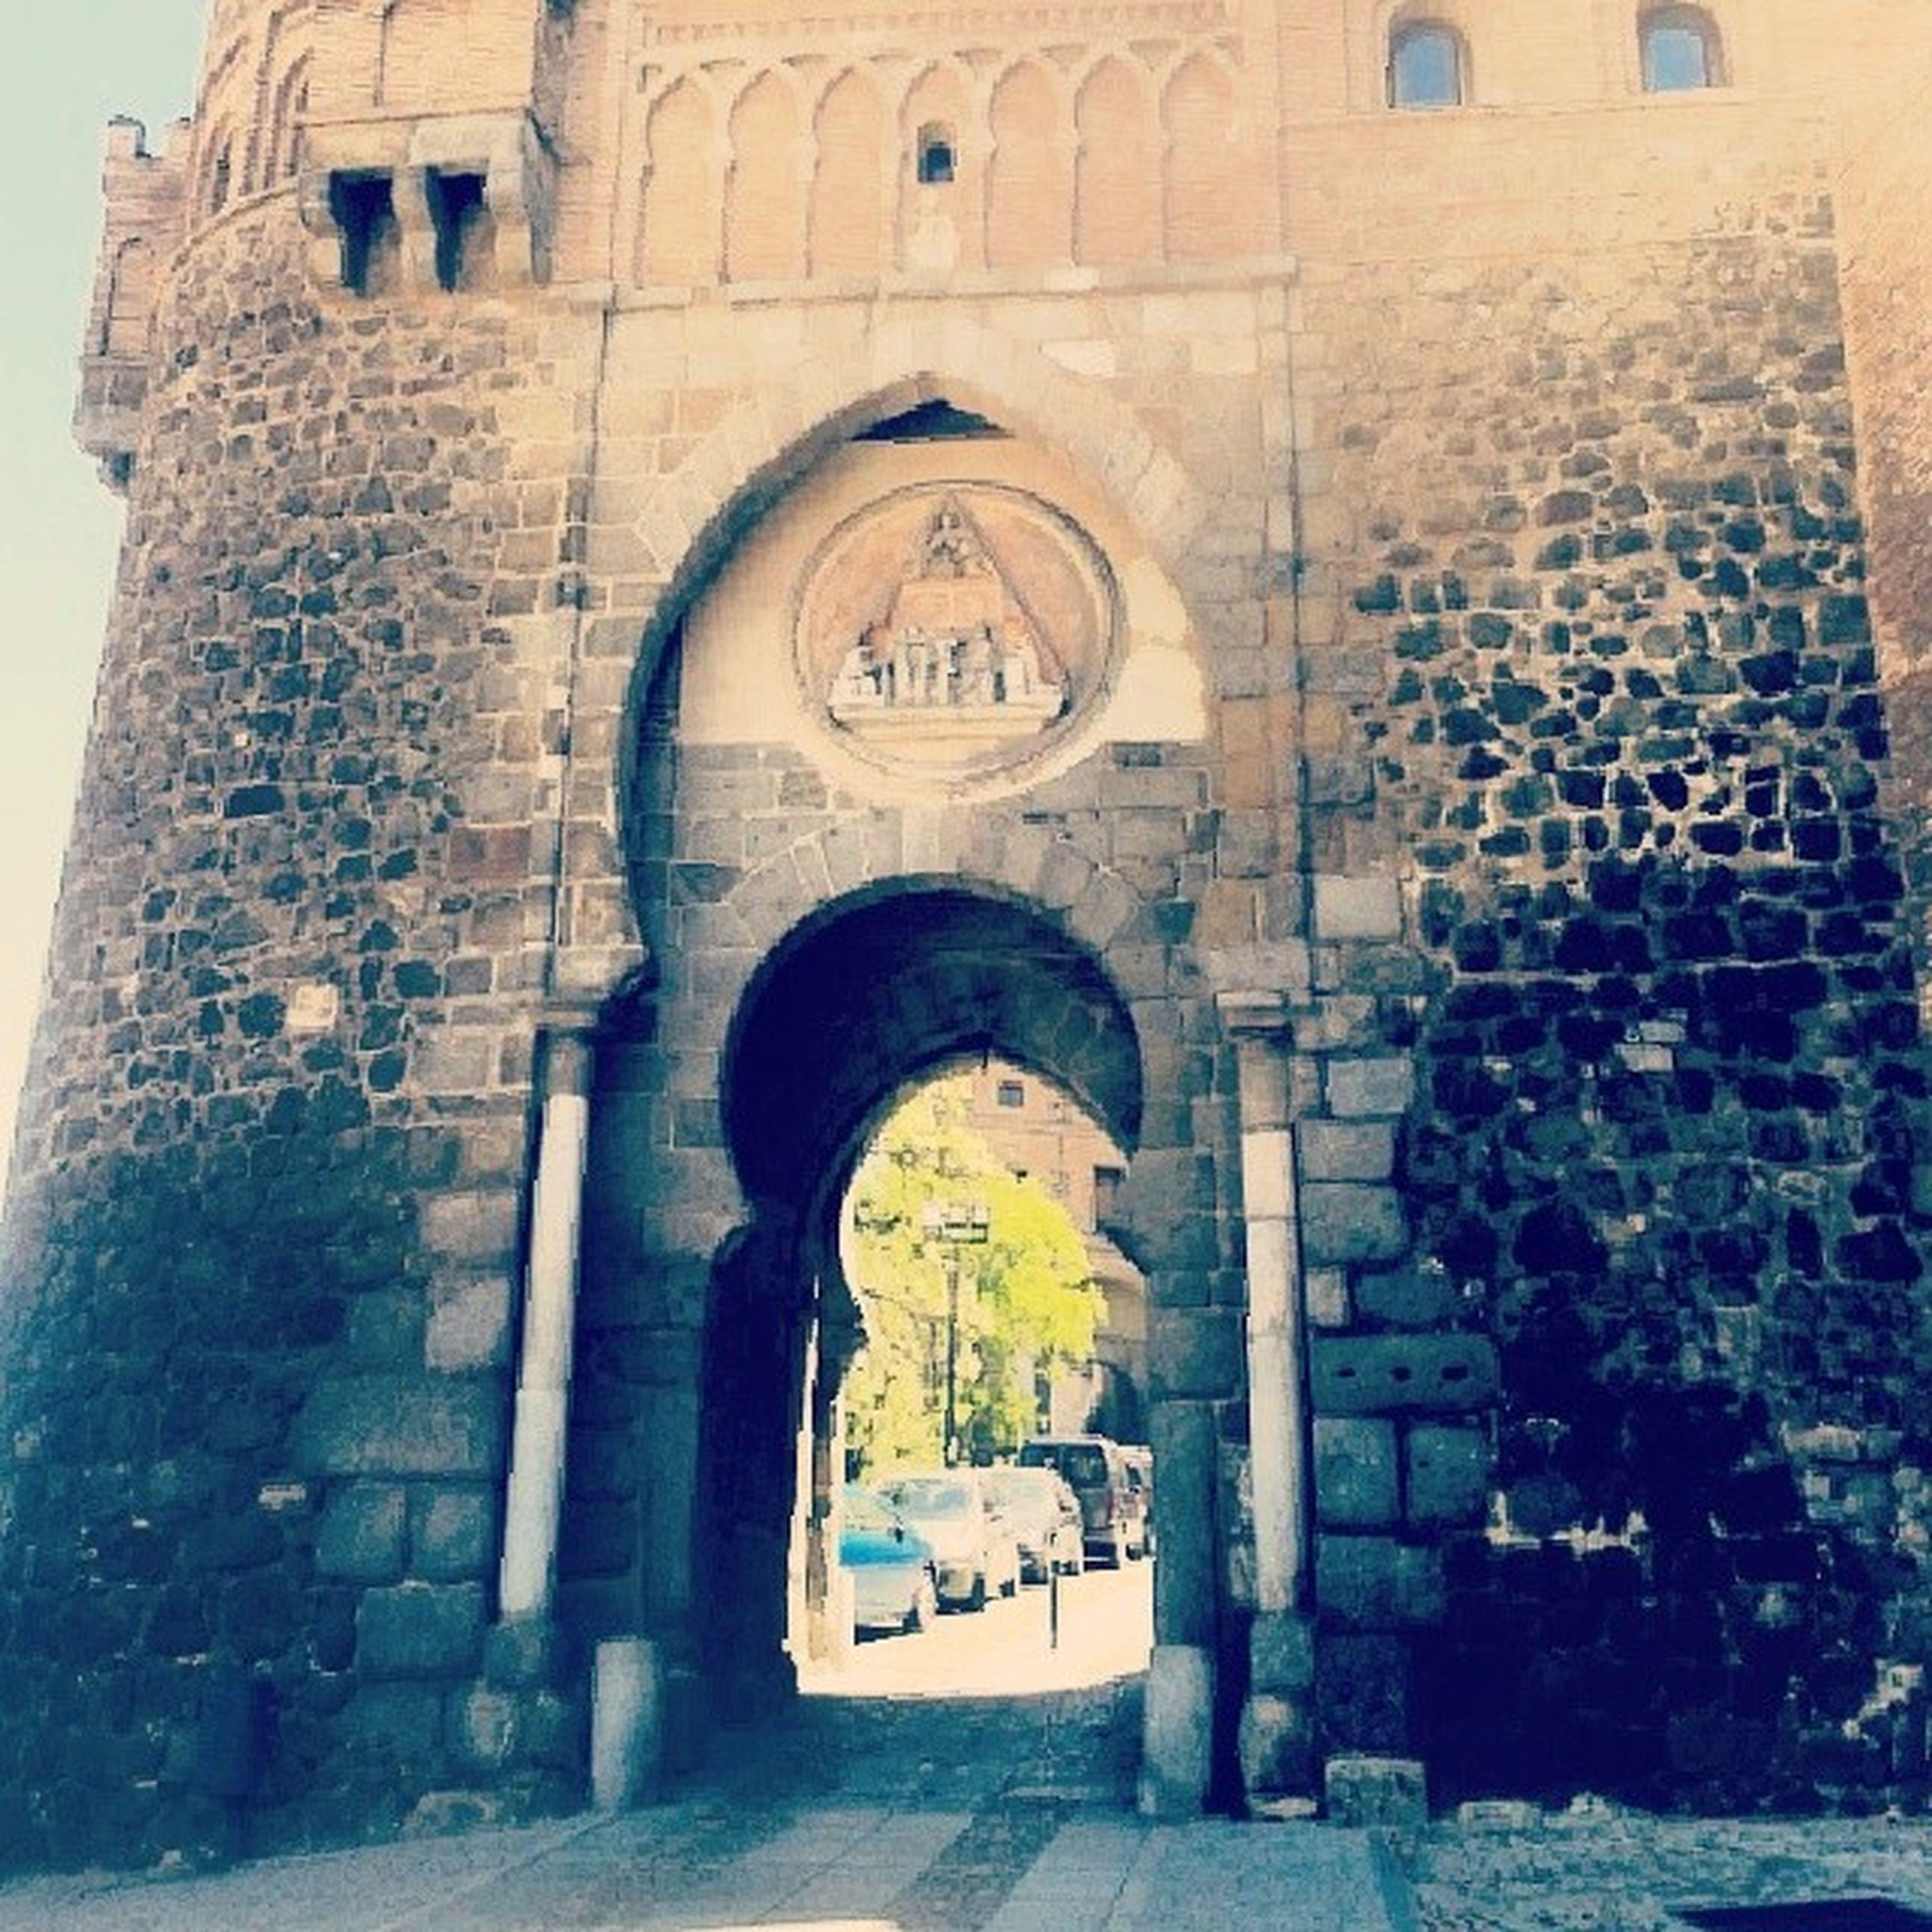 Touledou. Toledo CastillaLaMancha Holidays Letshavearoyalkiki with @iberiabites